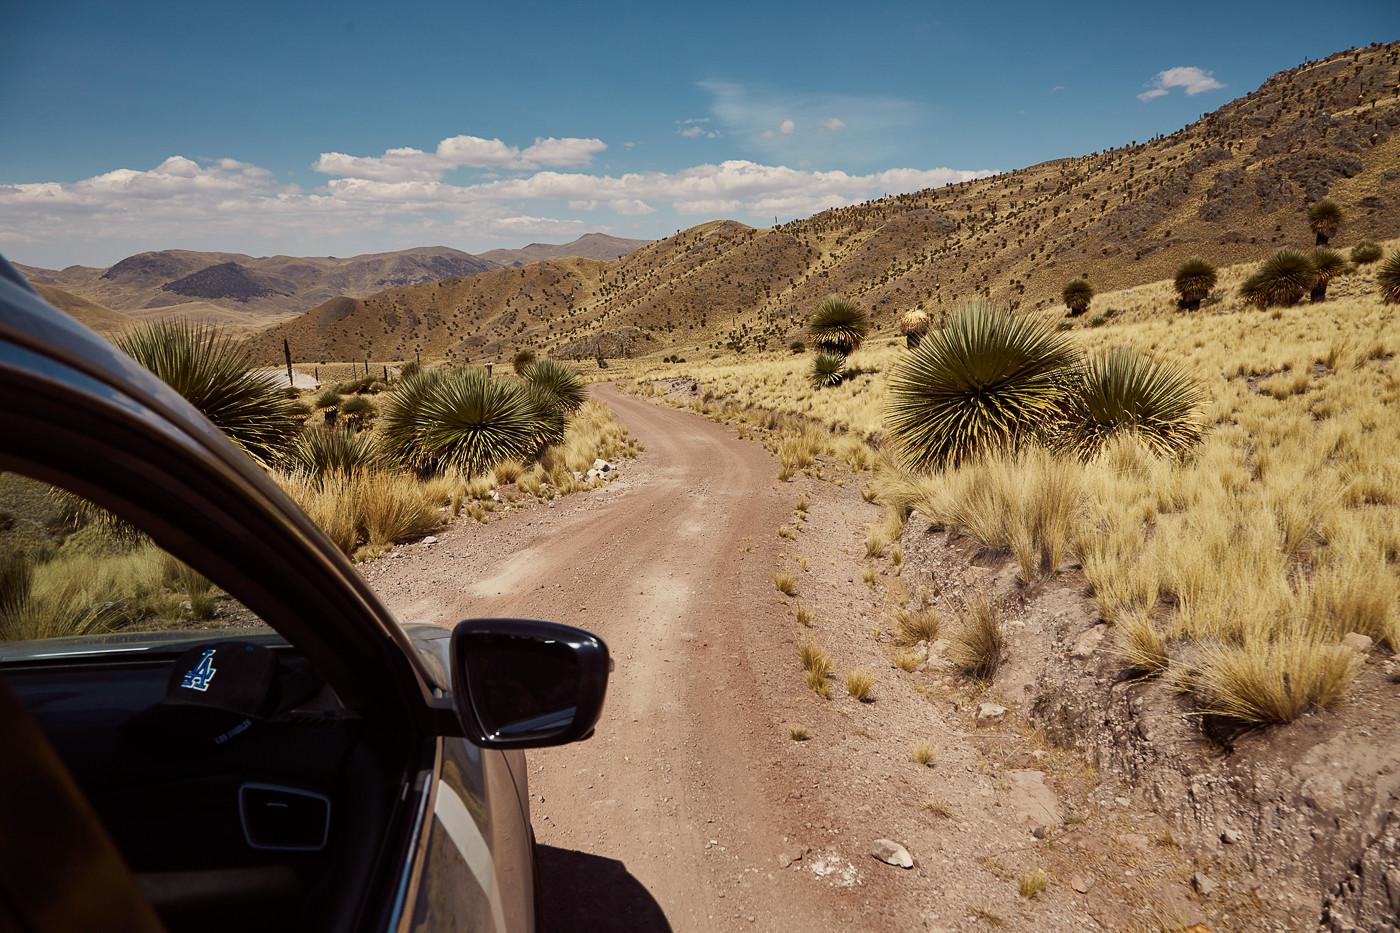 Auch wenn uns die Offroadstrecke etwa anderthalb Stunden gekostet hatte, war es jede Minute wert! Dieser Abschnitt zählt zu meinen absoluten Peru Highlights!